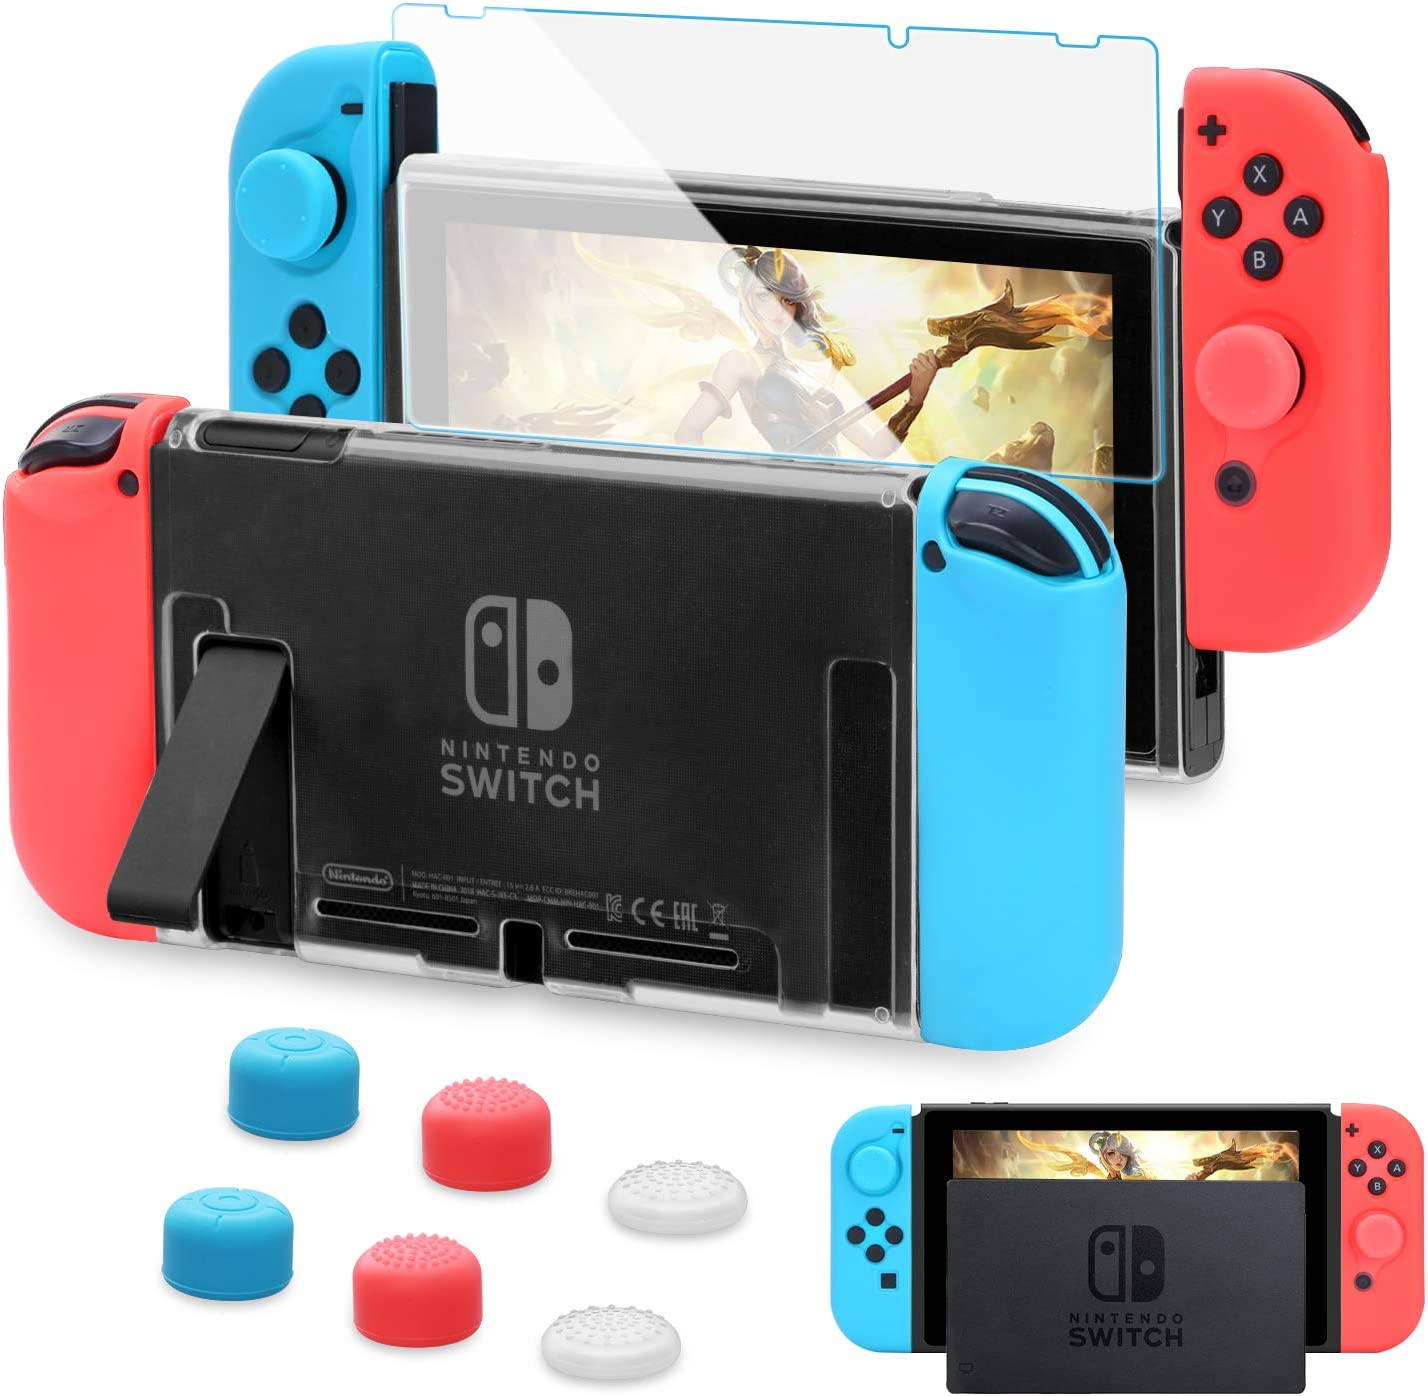 HEYSTOP Carcasa Nintendo Switch, Funda Nintendo Switch con Protector de Pantalla para Nintendo Switch Console y Joy Cons con 6 Agarres para el Pulgar(Transparente): Amazon.es: Electrónica